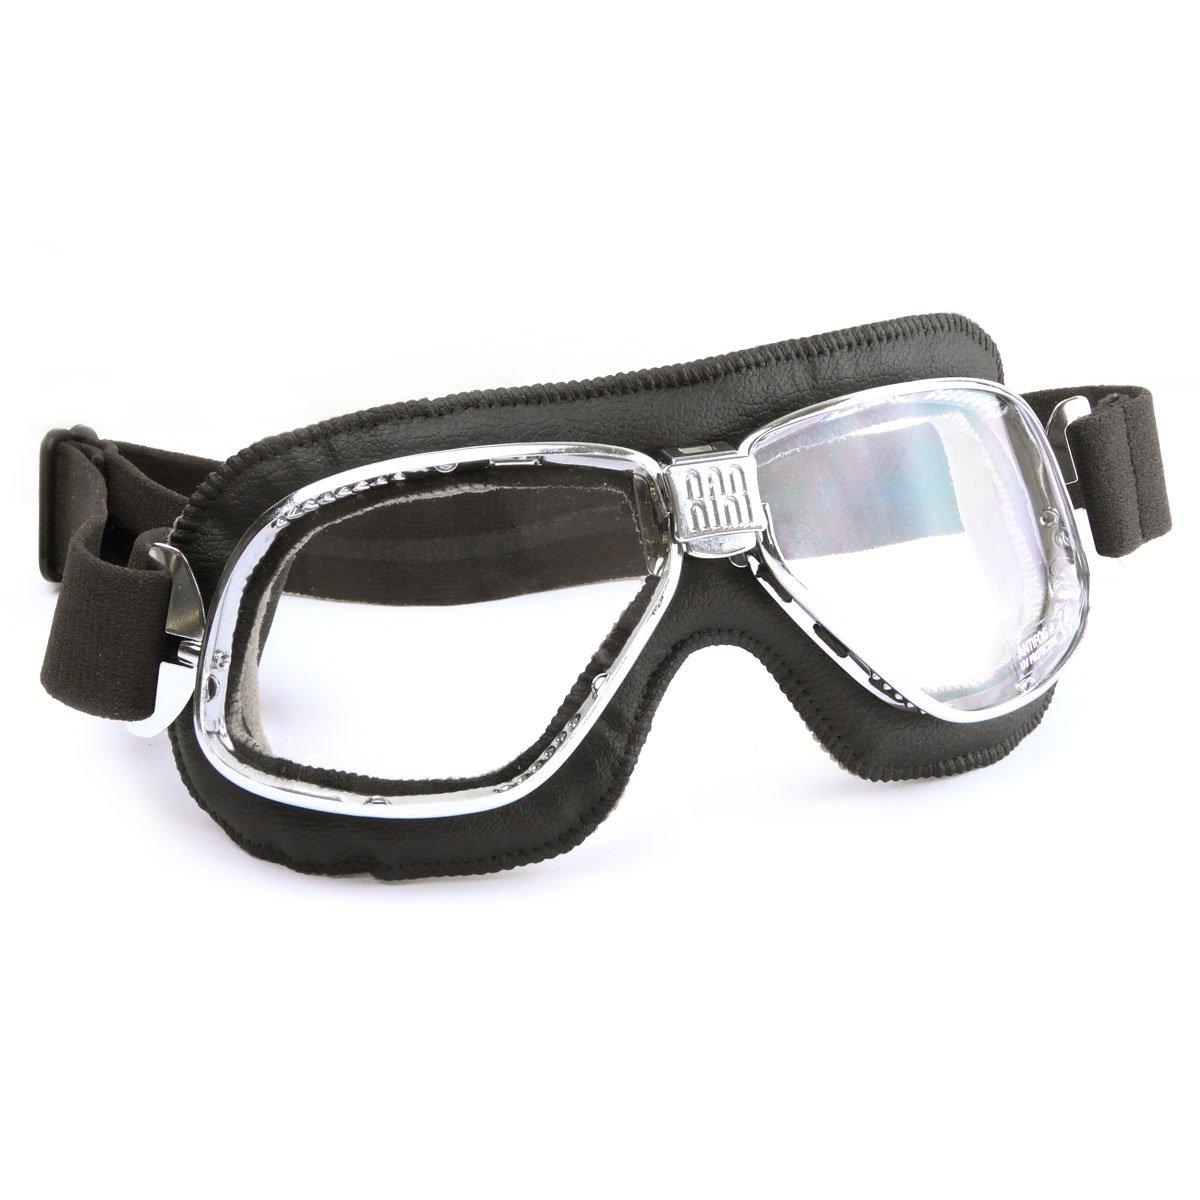 Halcyon Nannini Cruiser moto occhiali con vera pelle nera Face Pad e montatura in metallo –  Made in Italy